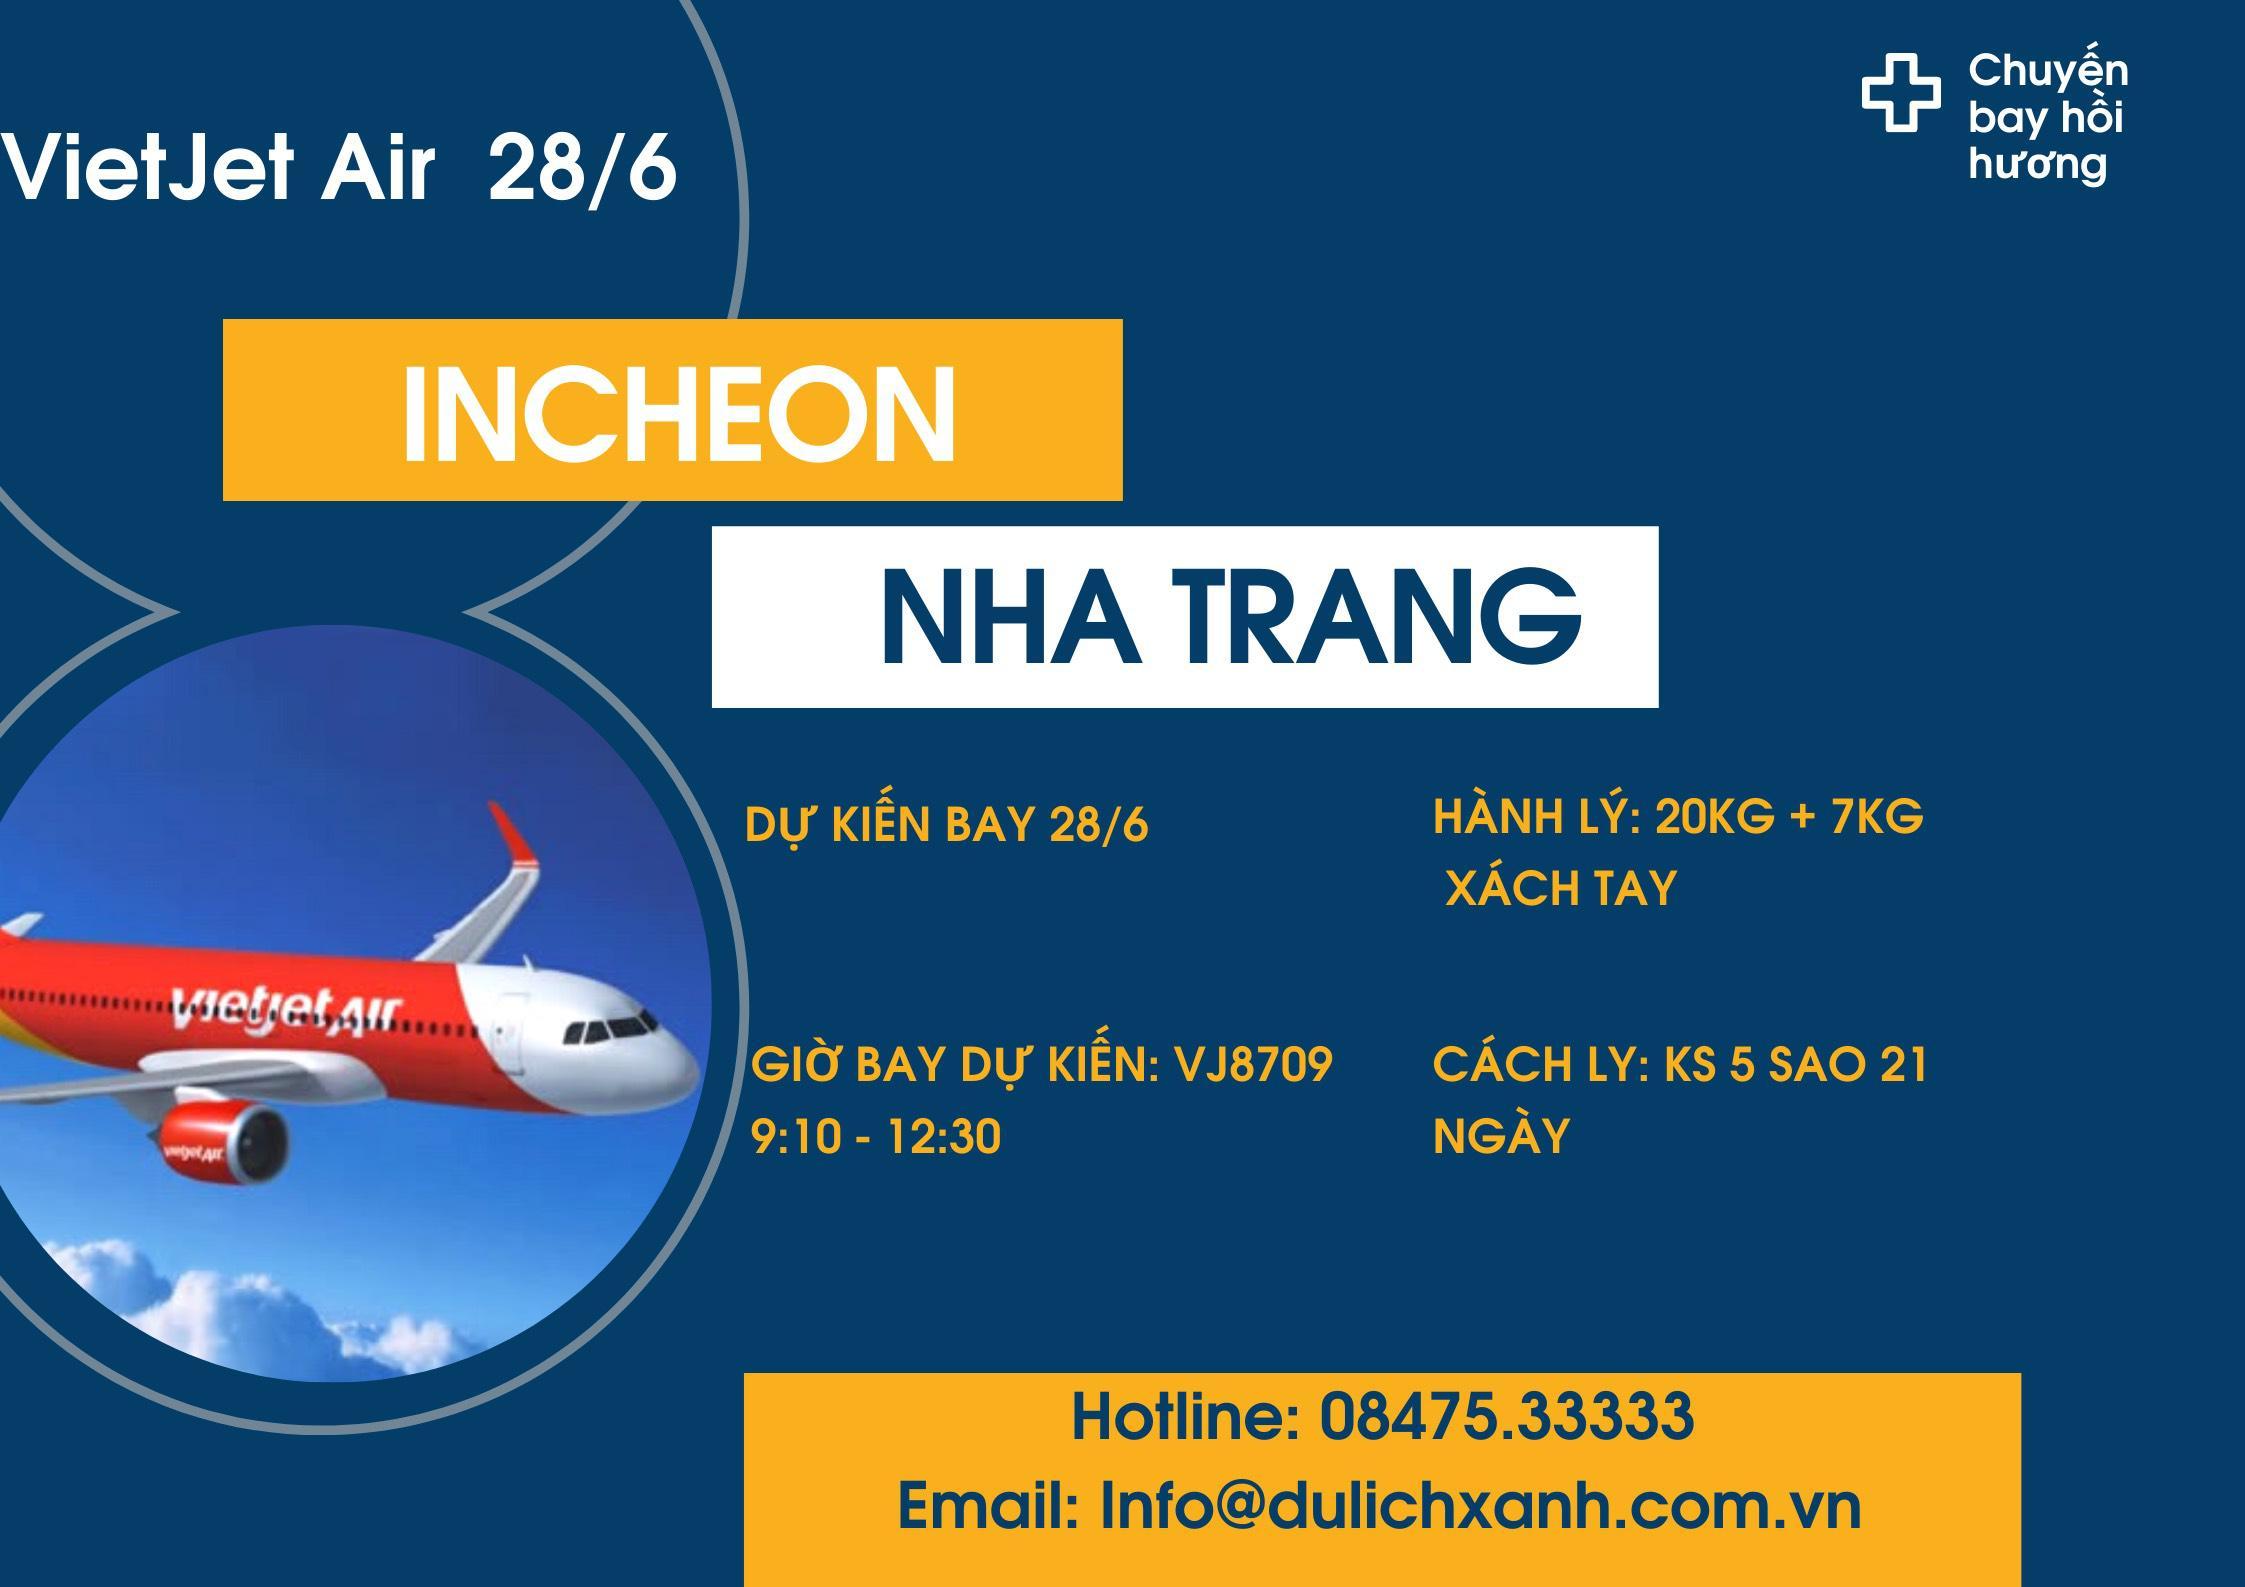 Chuyến bay hồi hương Incheon - Nha Trang ngày 28/6